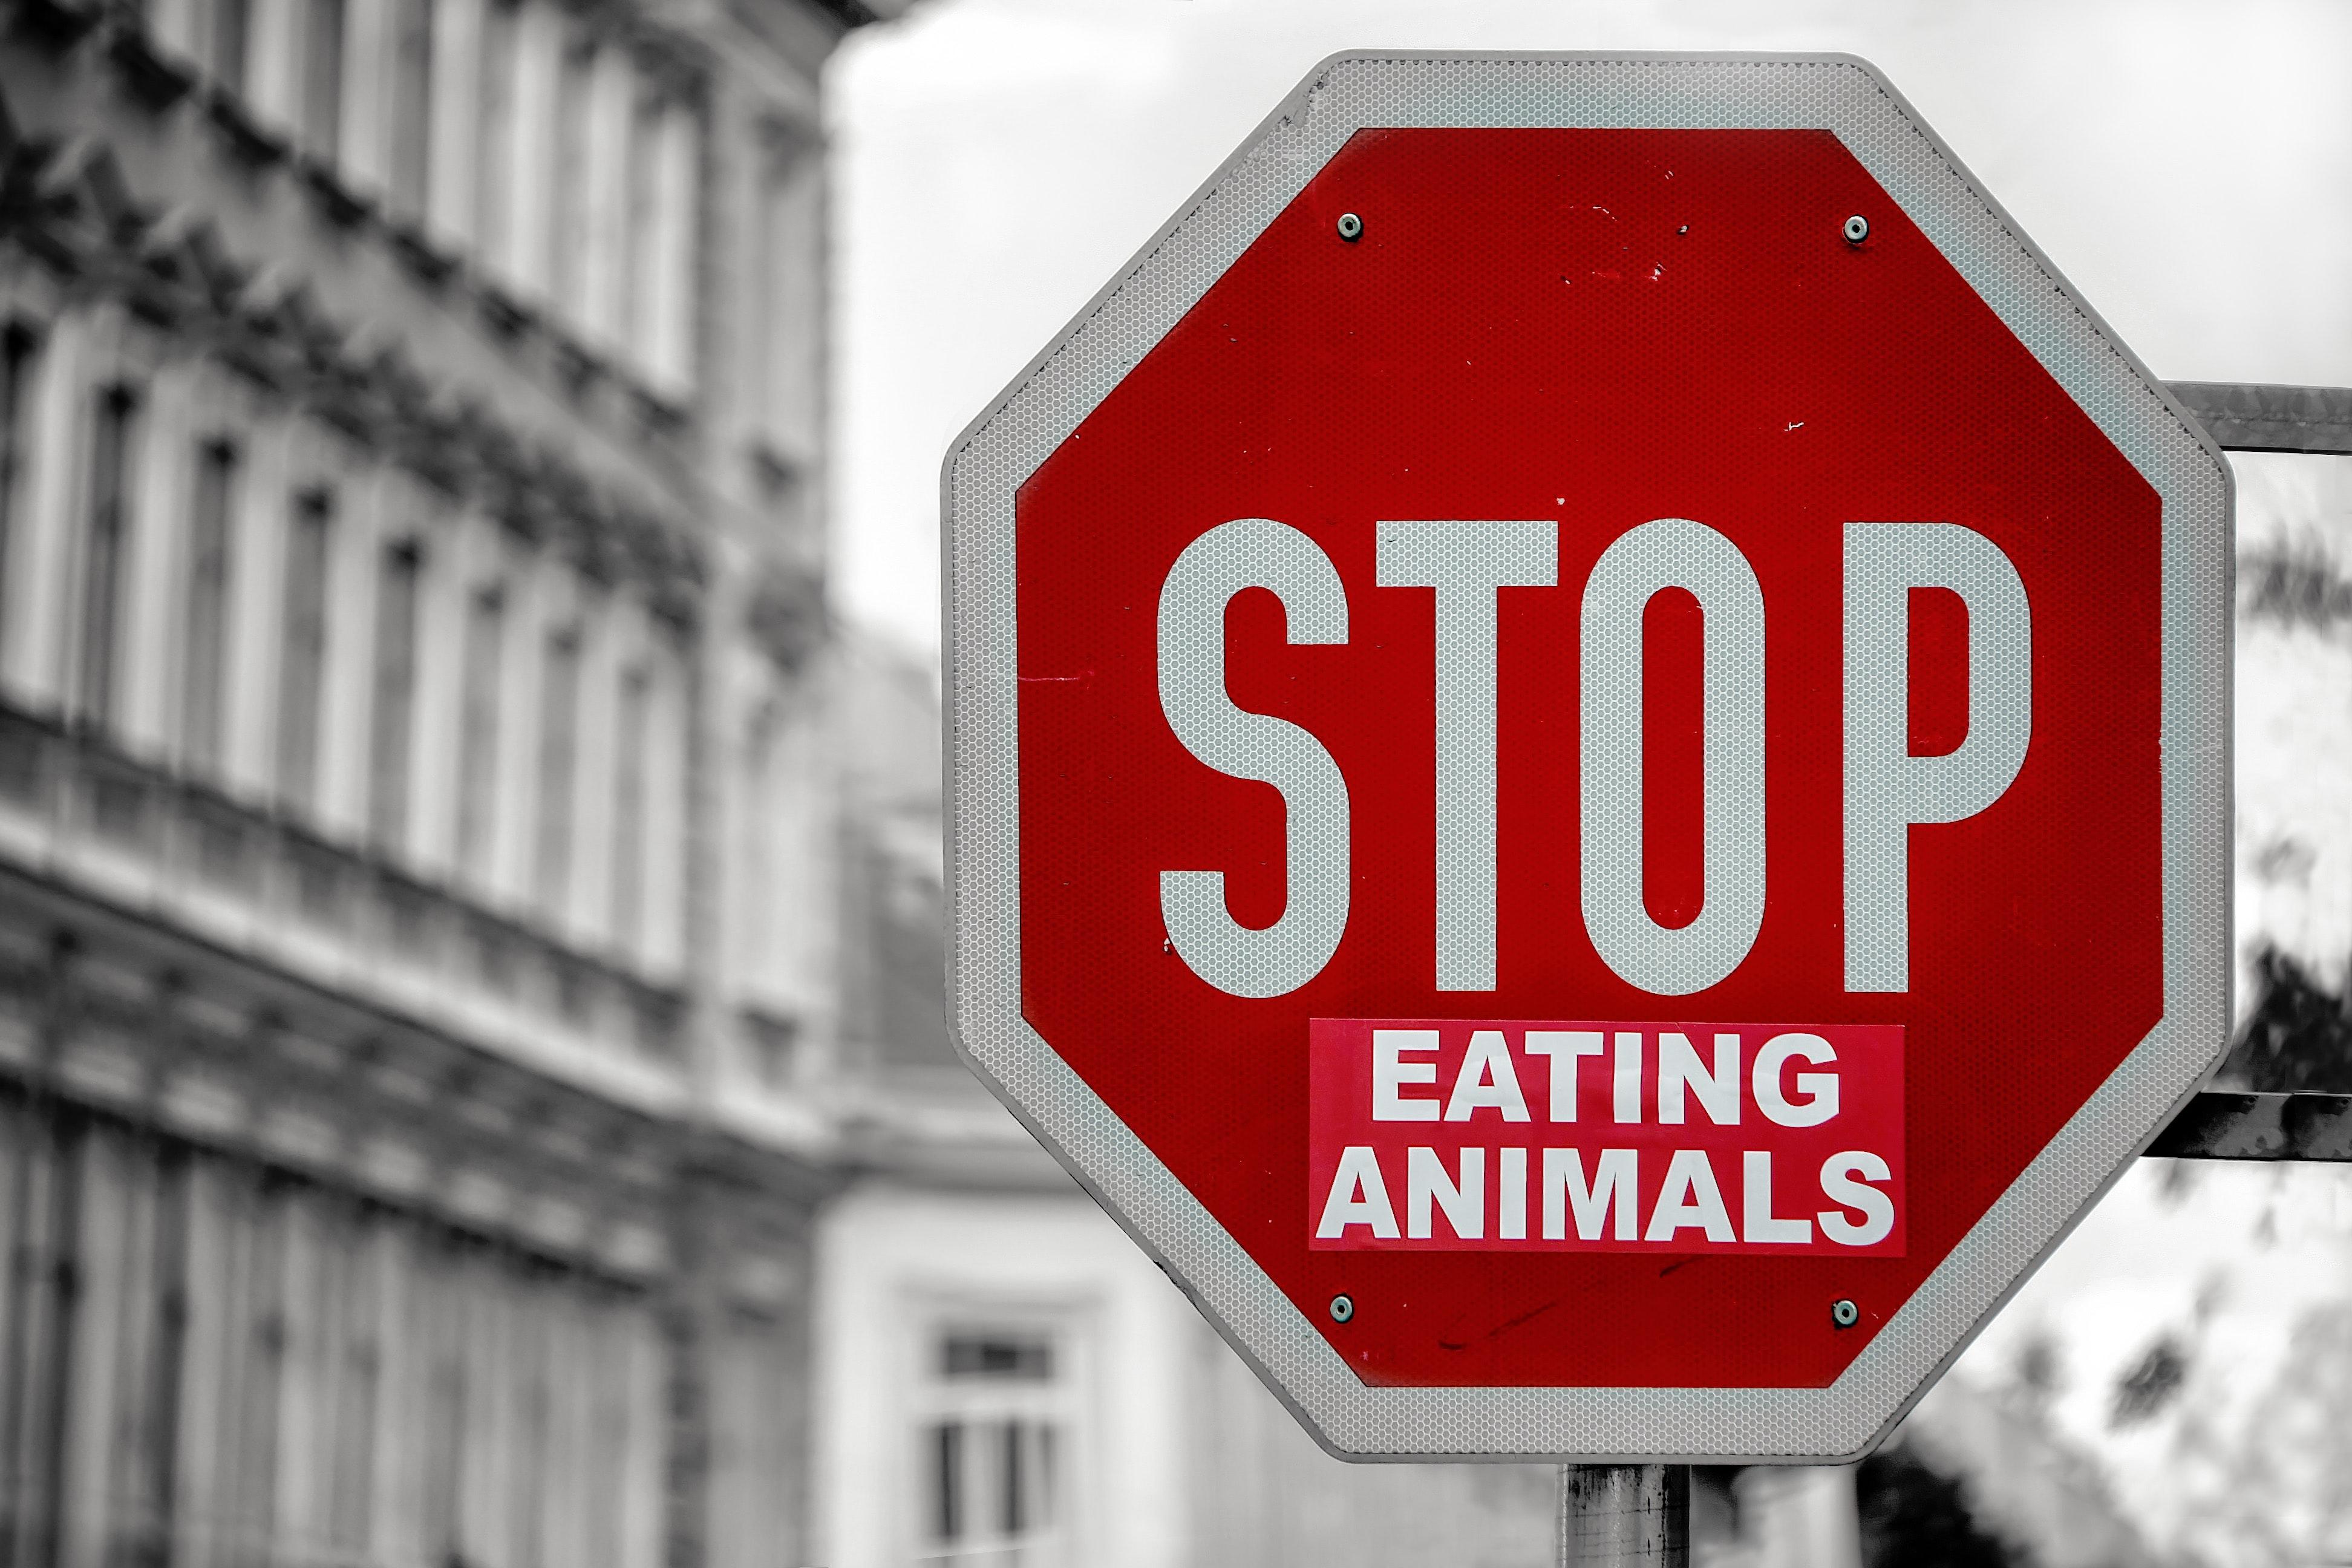 dieta vegana pro contro (3).jpg